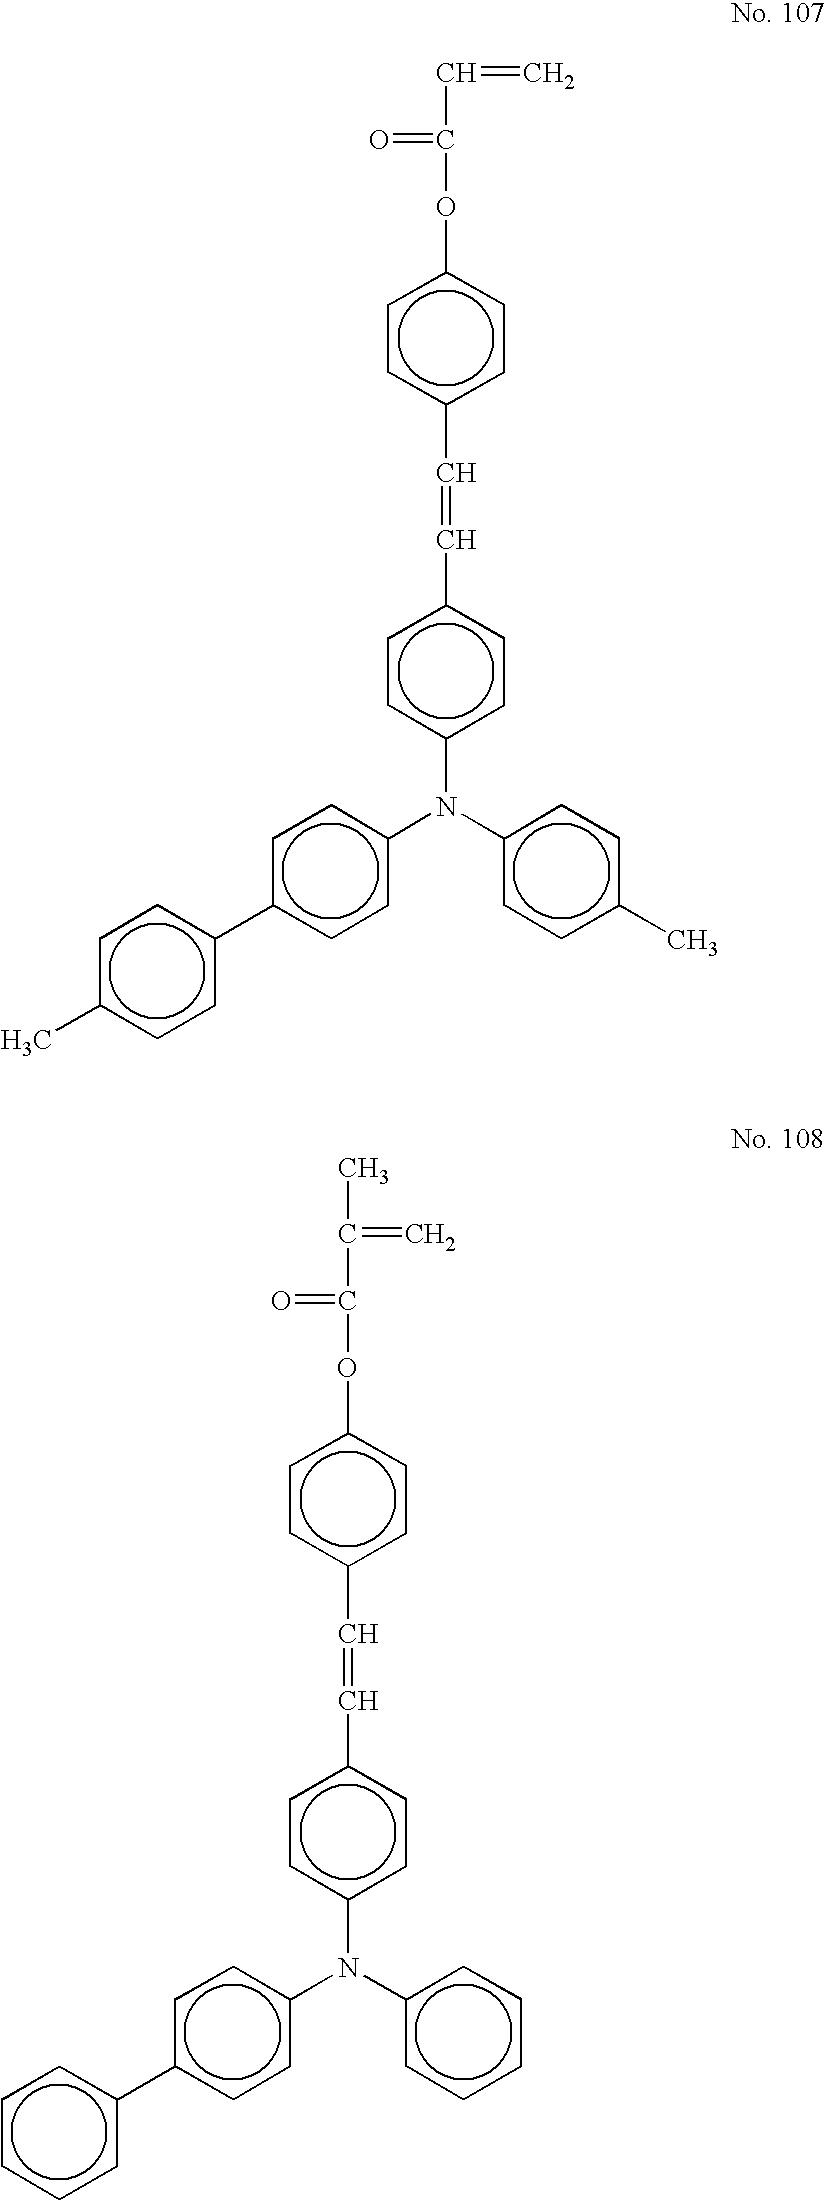 Figure US20050158641A1-20050721-C00050